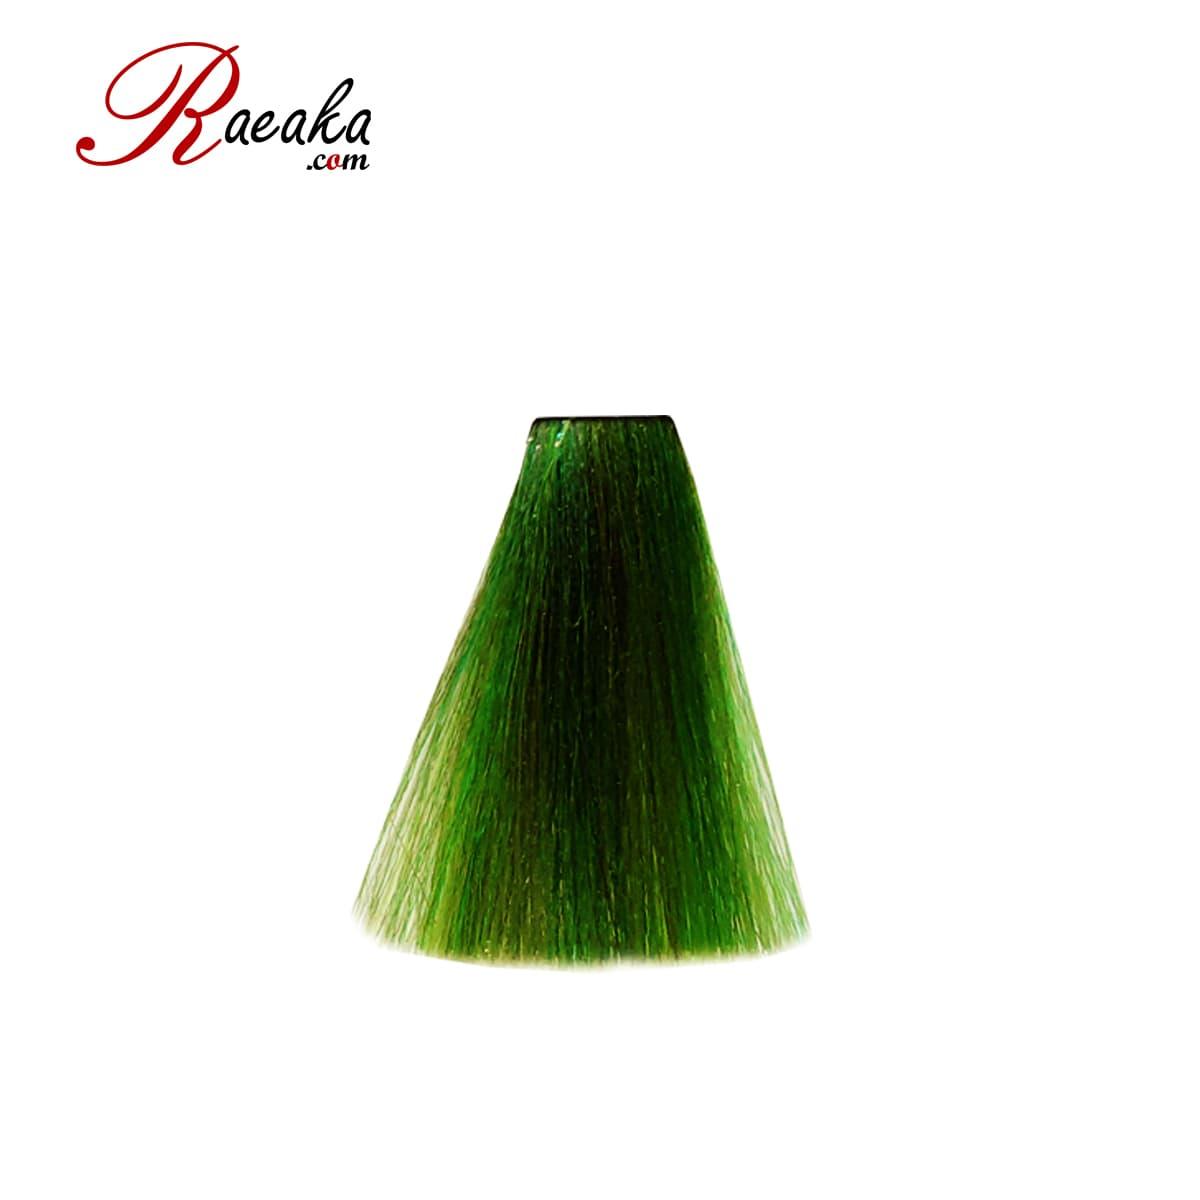 رنگ مو دوماسی سری واریاسیون ها واریاسیون سبز(ضد قرمزی) ۰٫۸۸ حجم ۱۲۰ میلی لیتر